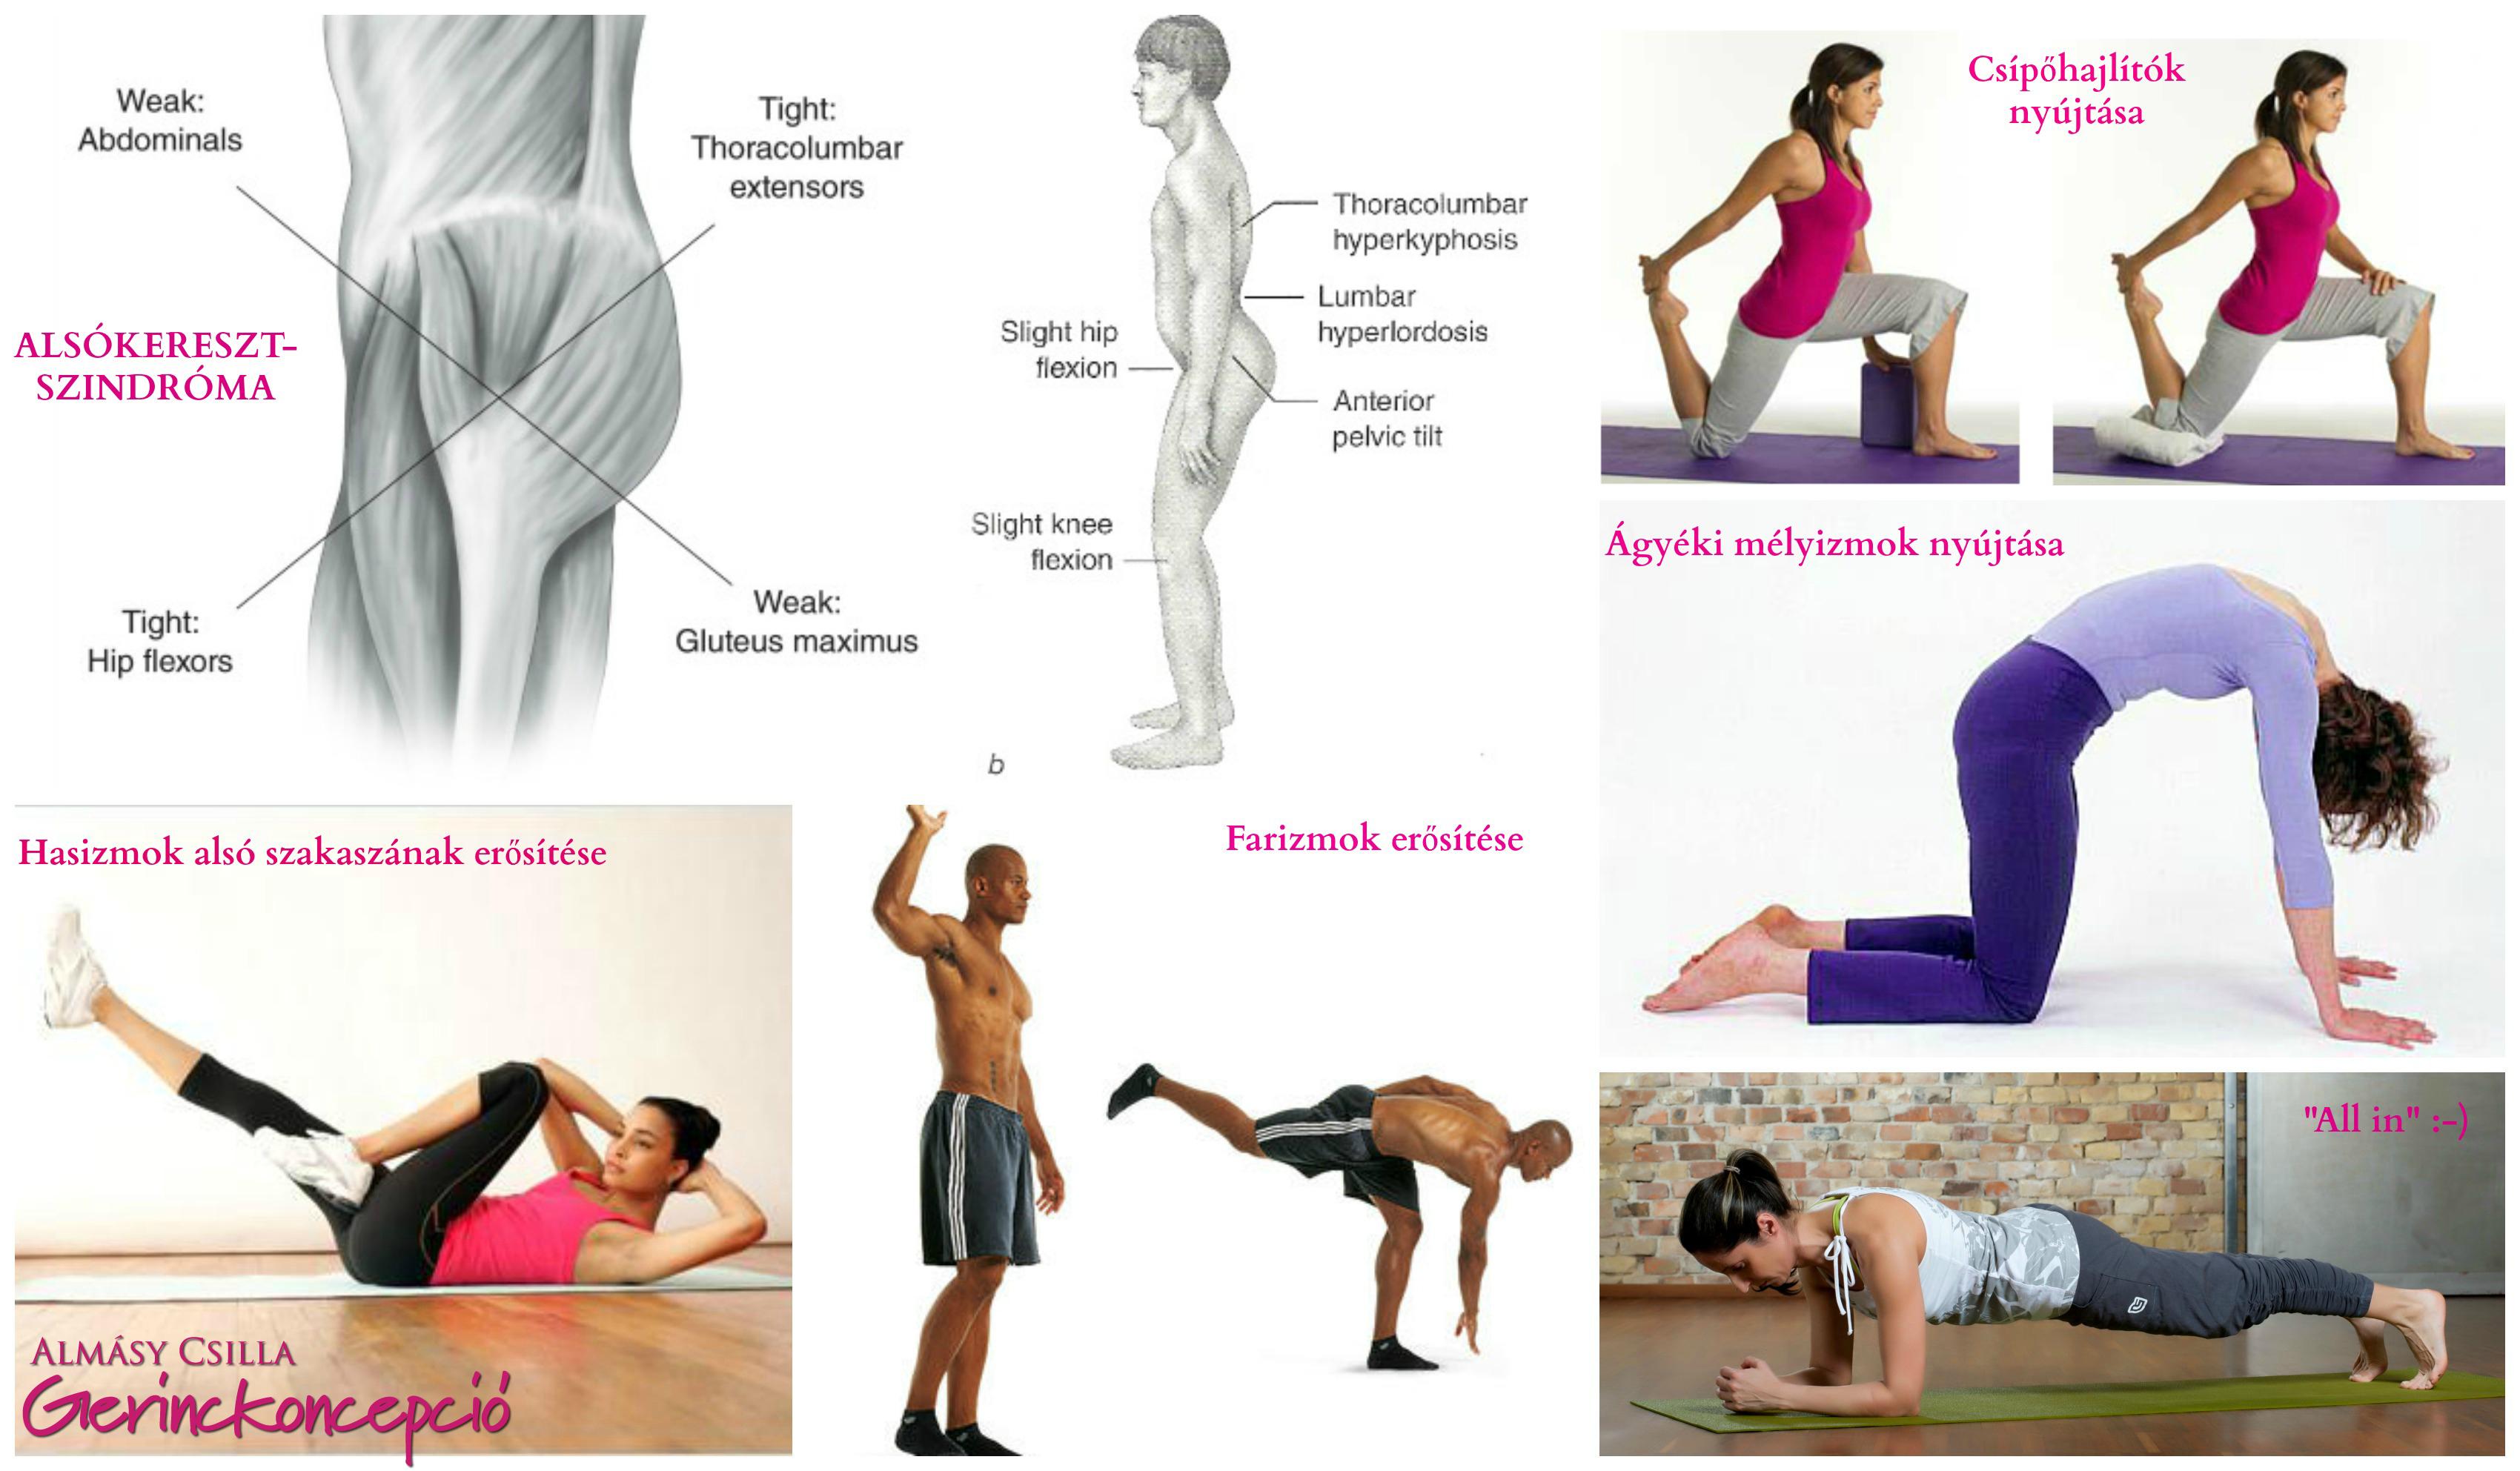 5 remek egyensúlygyakorlat a core izmok erősítésére   Femcafe